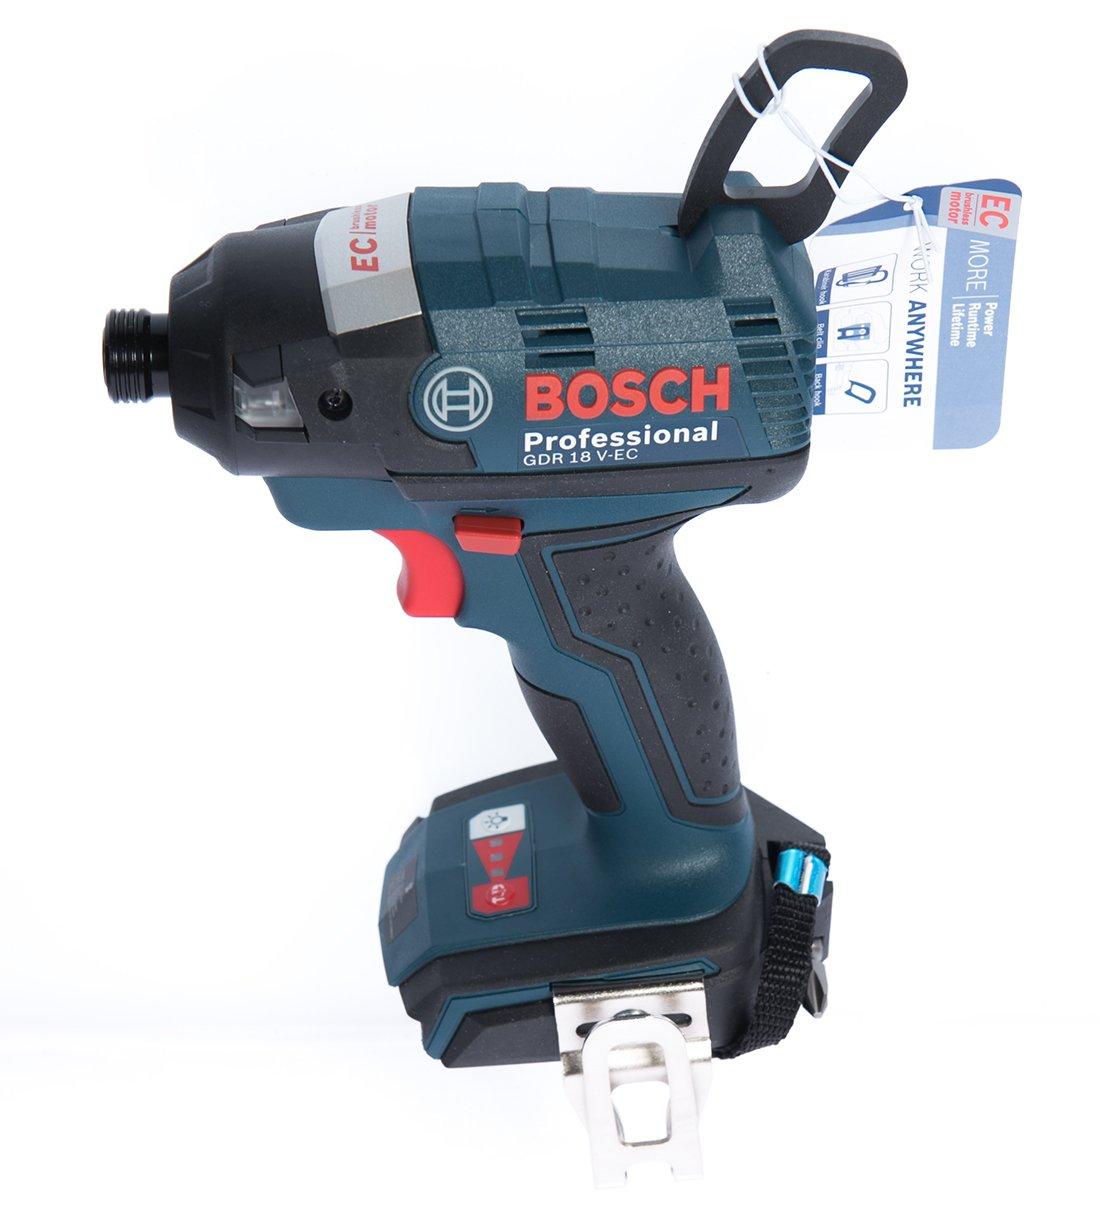 Bosch GDR18V EC Visseuse à chocs Moteur Brushless Corps uniquement